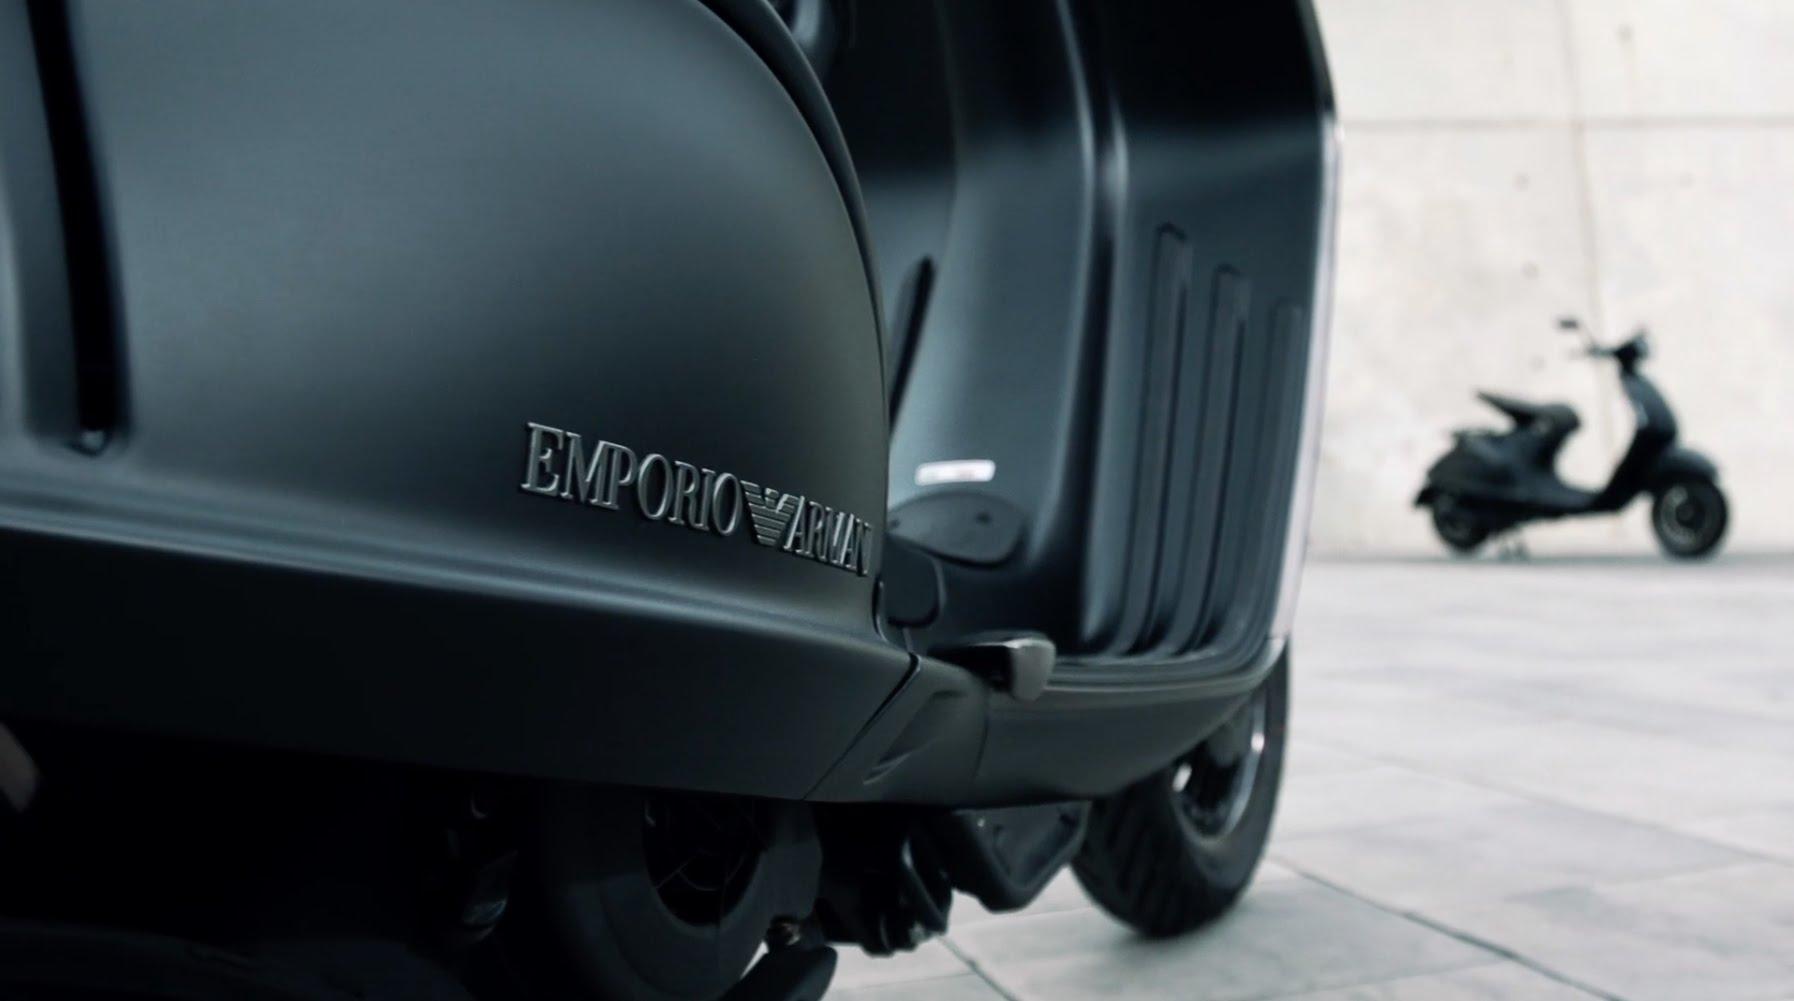 Vespa 946 Emporio Armani special edition